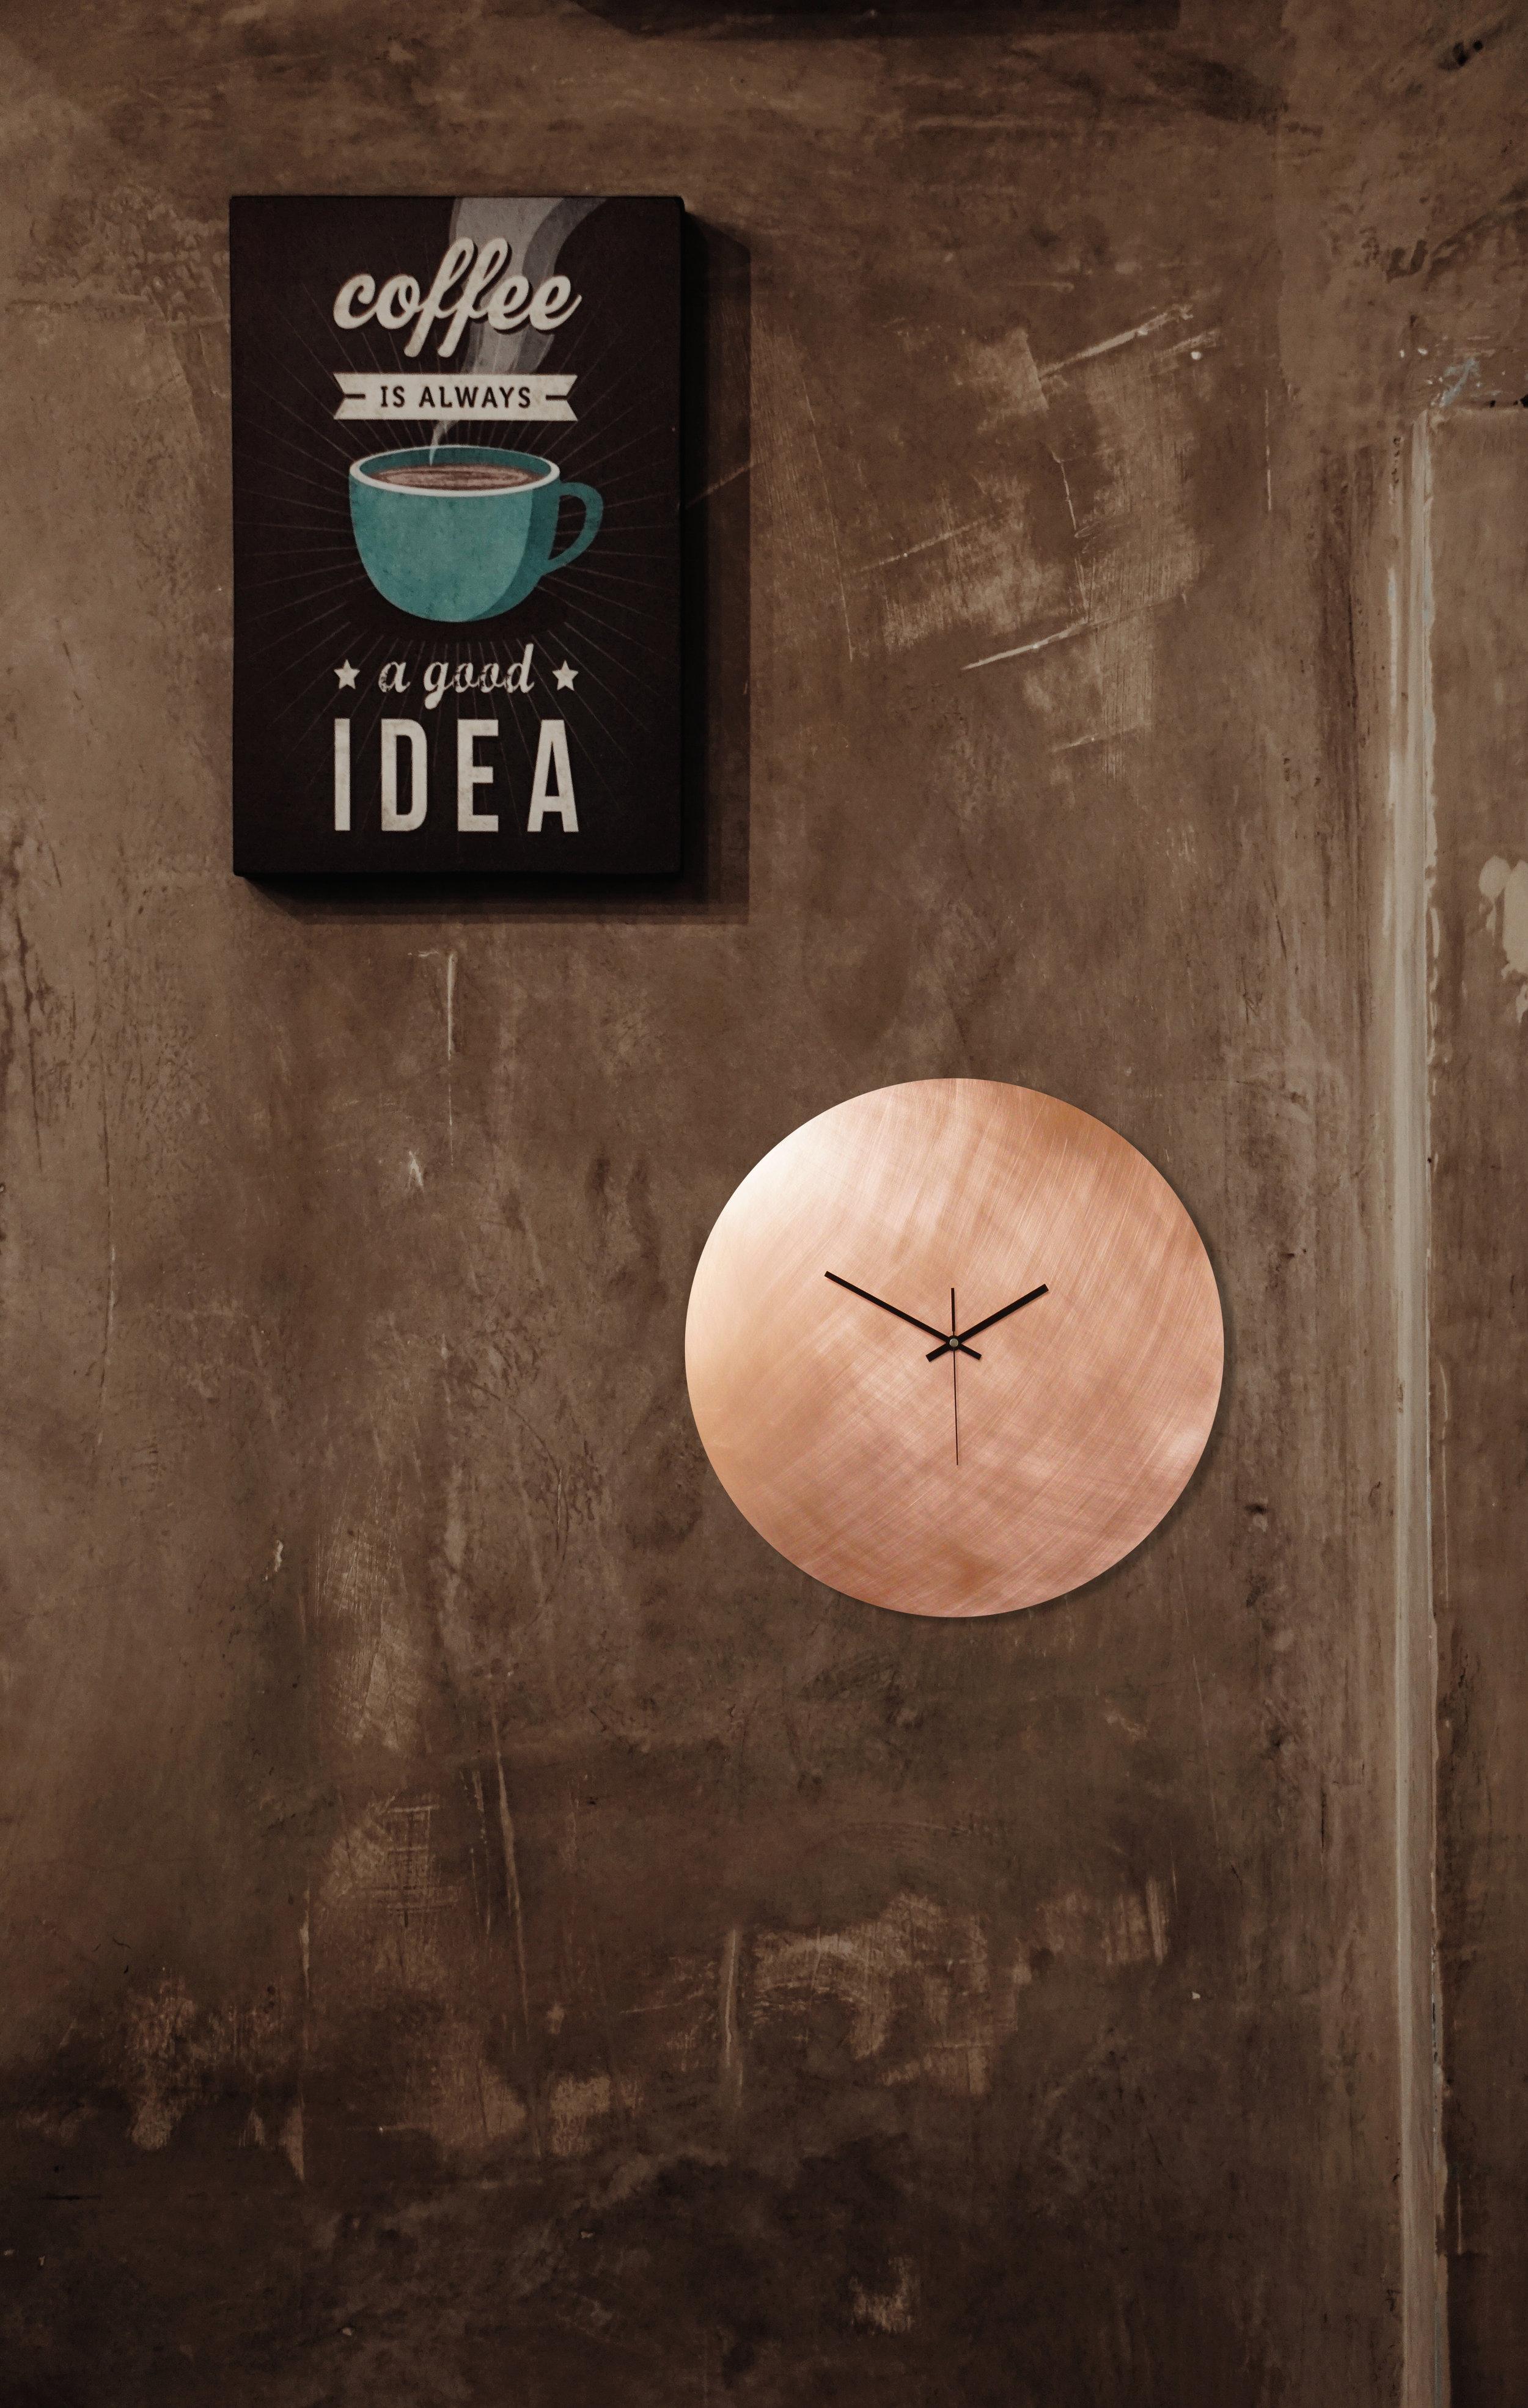 Kupfer Uhr Rund Kaffee Schild.jpg